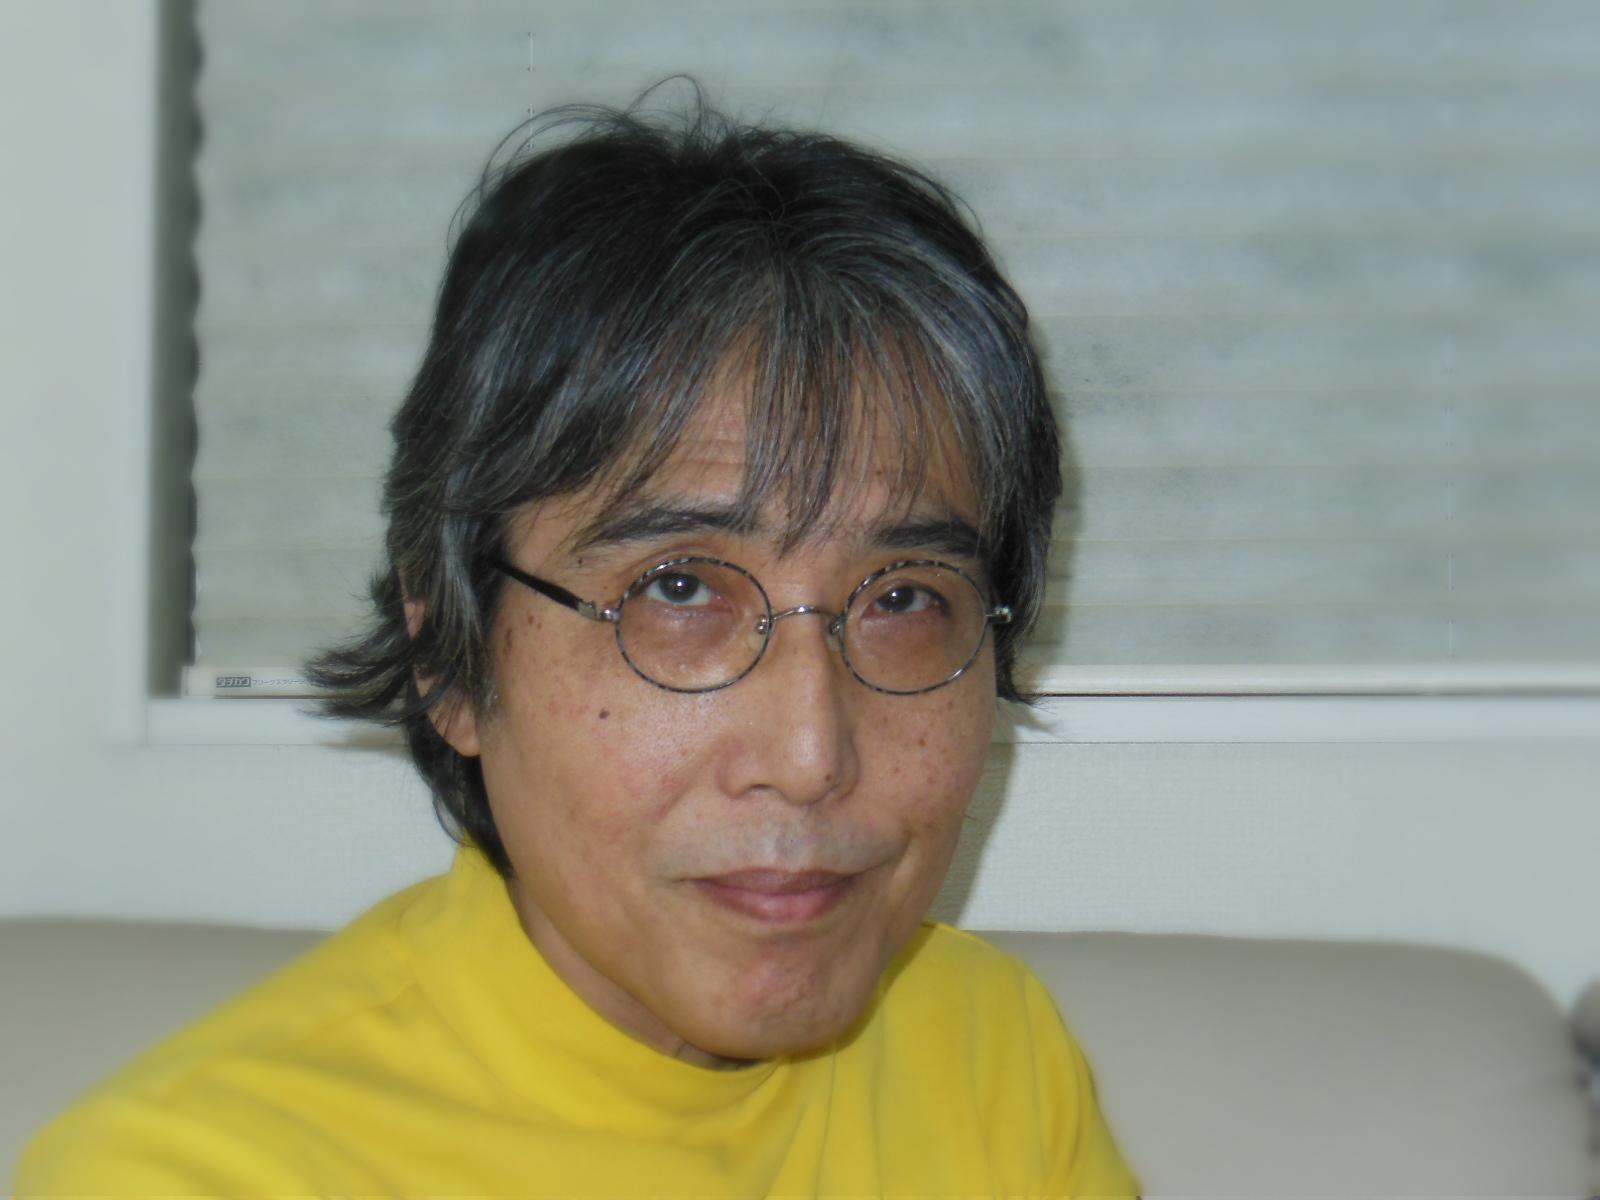 加古川 当たる占い師 浦世麗徑先生